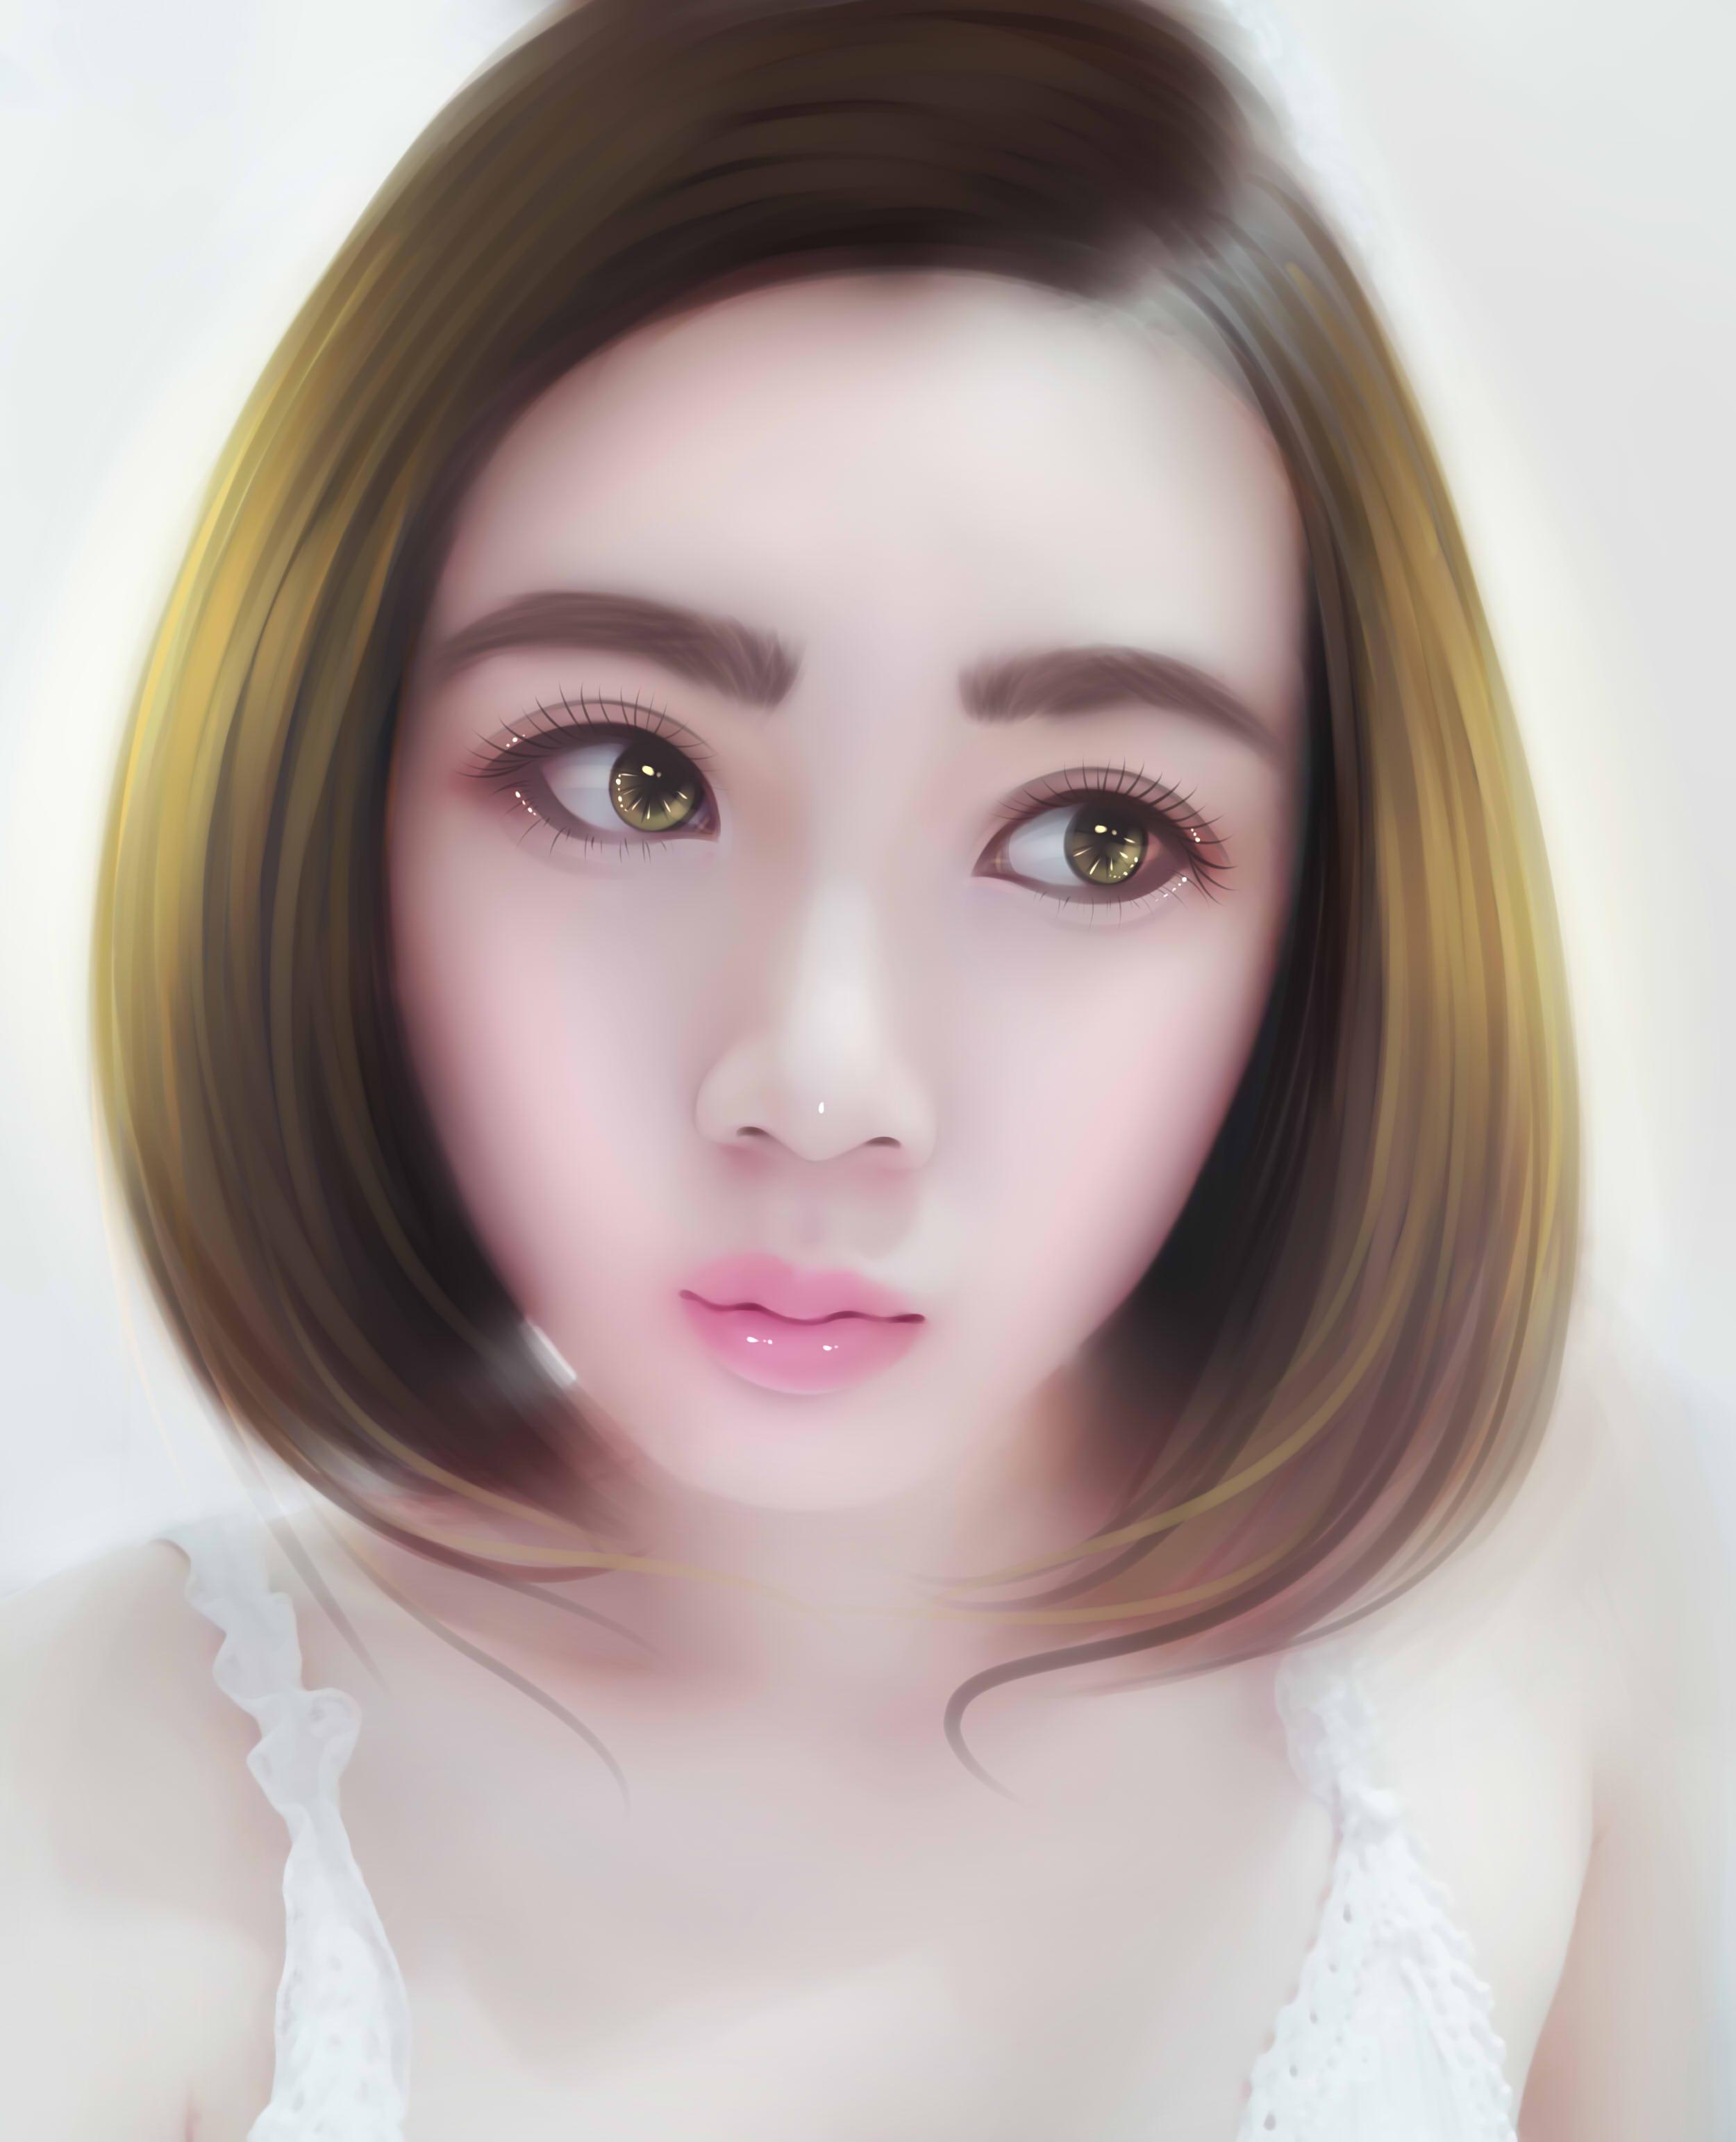 短发美女照片转手绘 手绘 转手绘